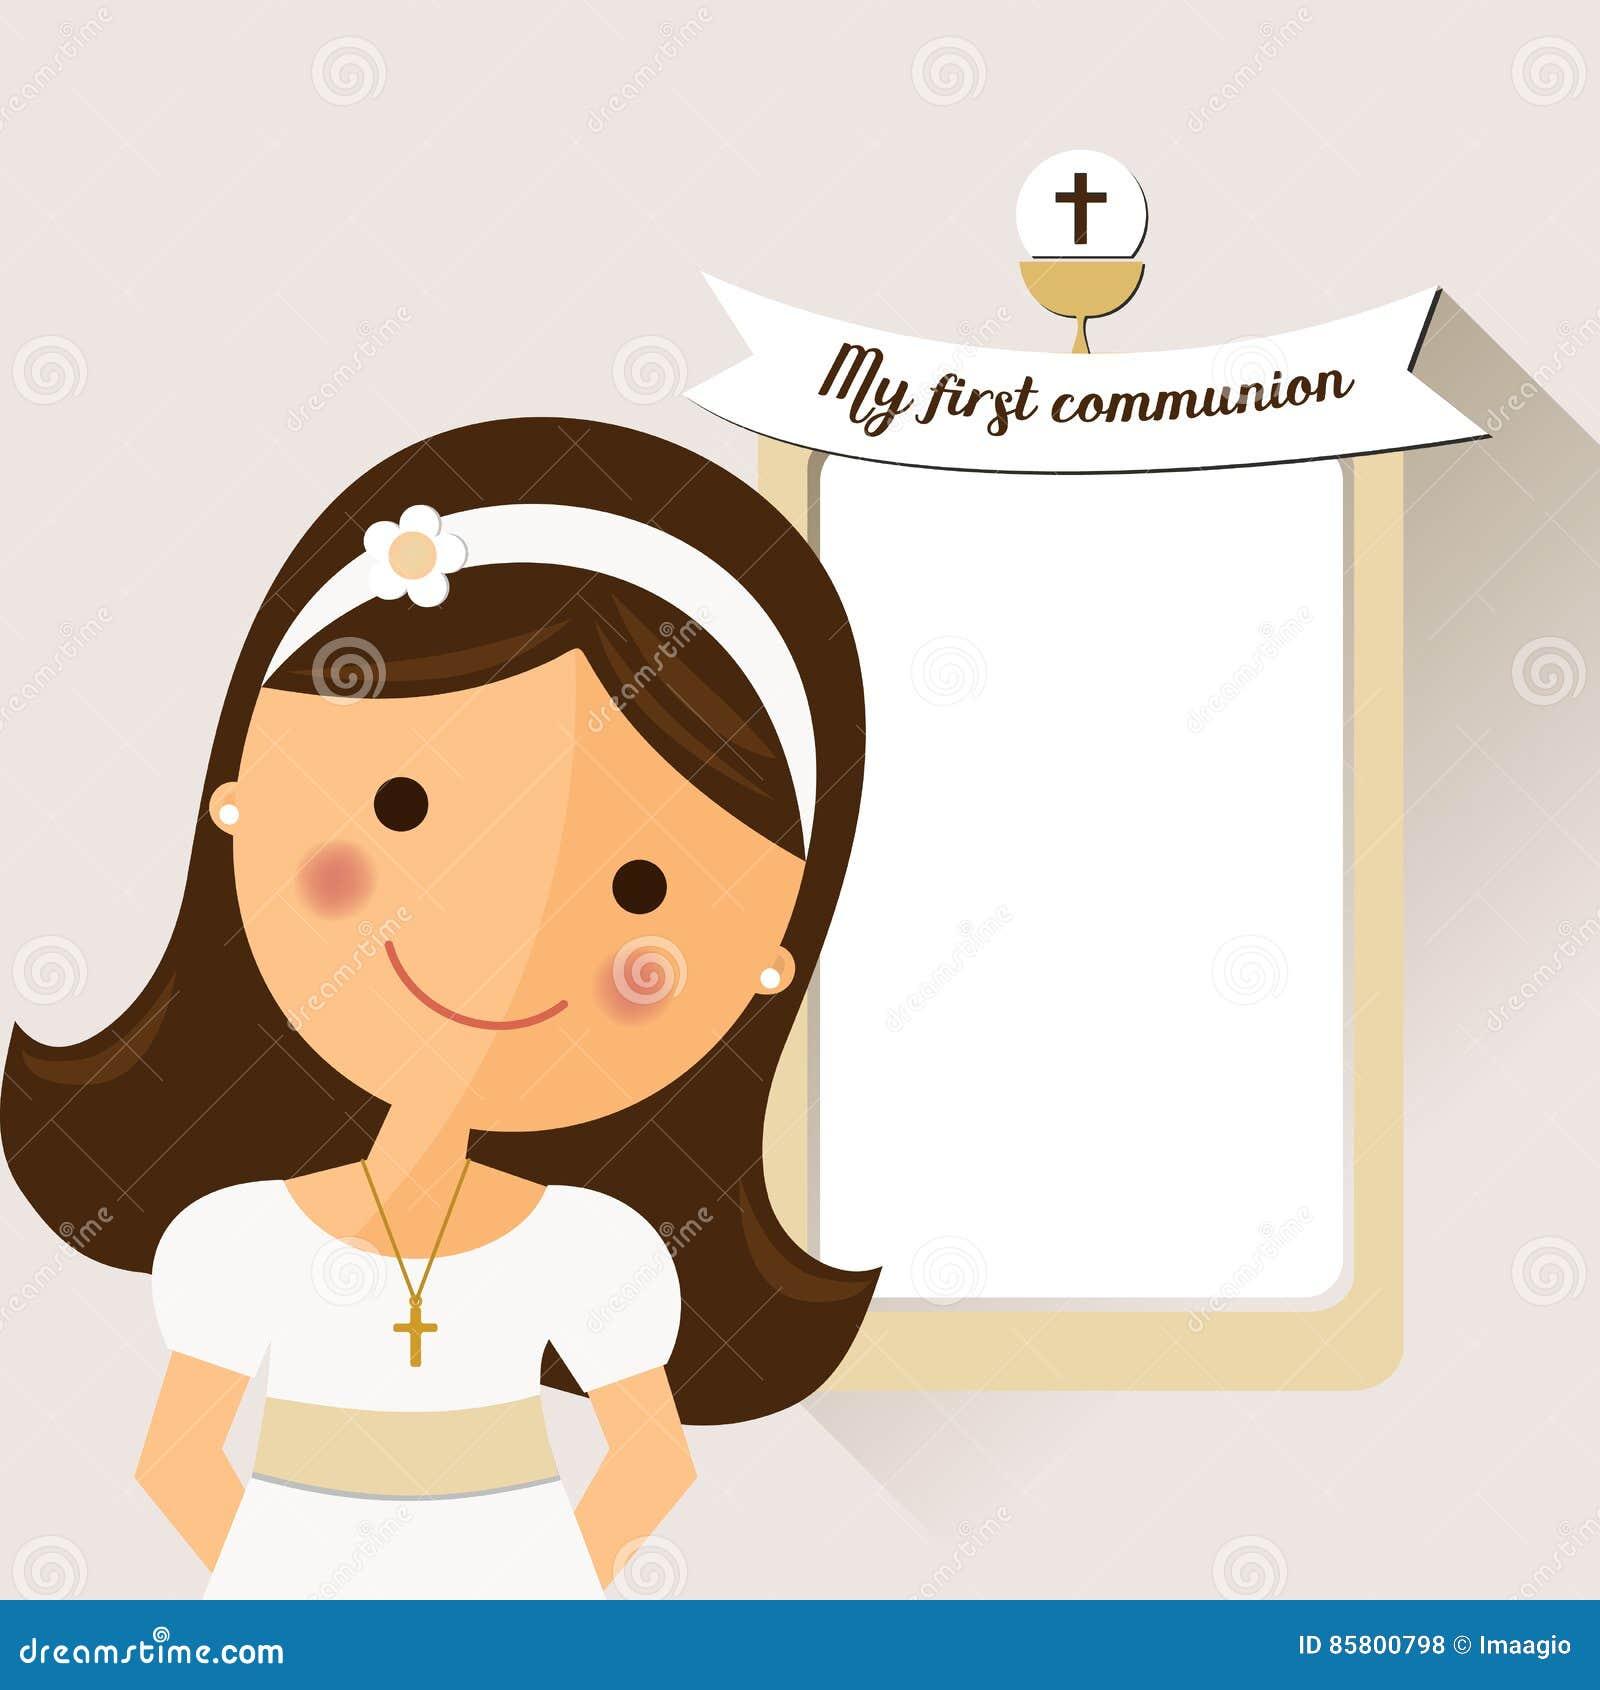 Mój pierwszy communion zaproszenie z wiadomości i przedpola dziewczynami